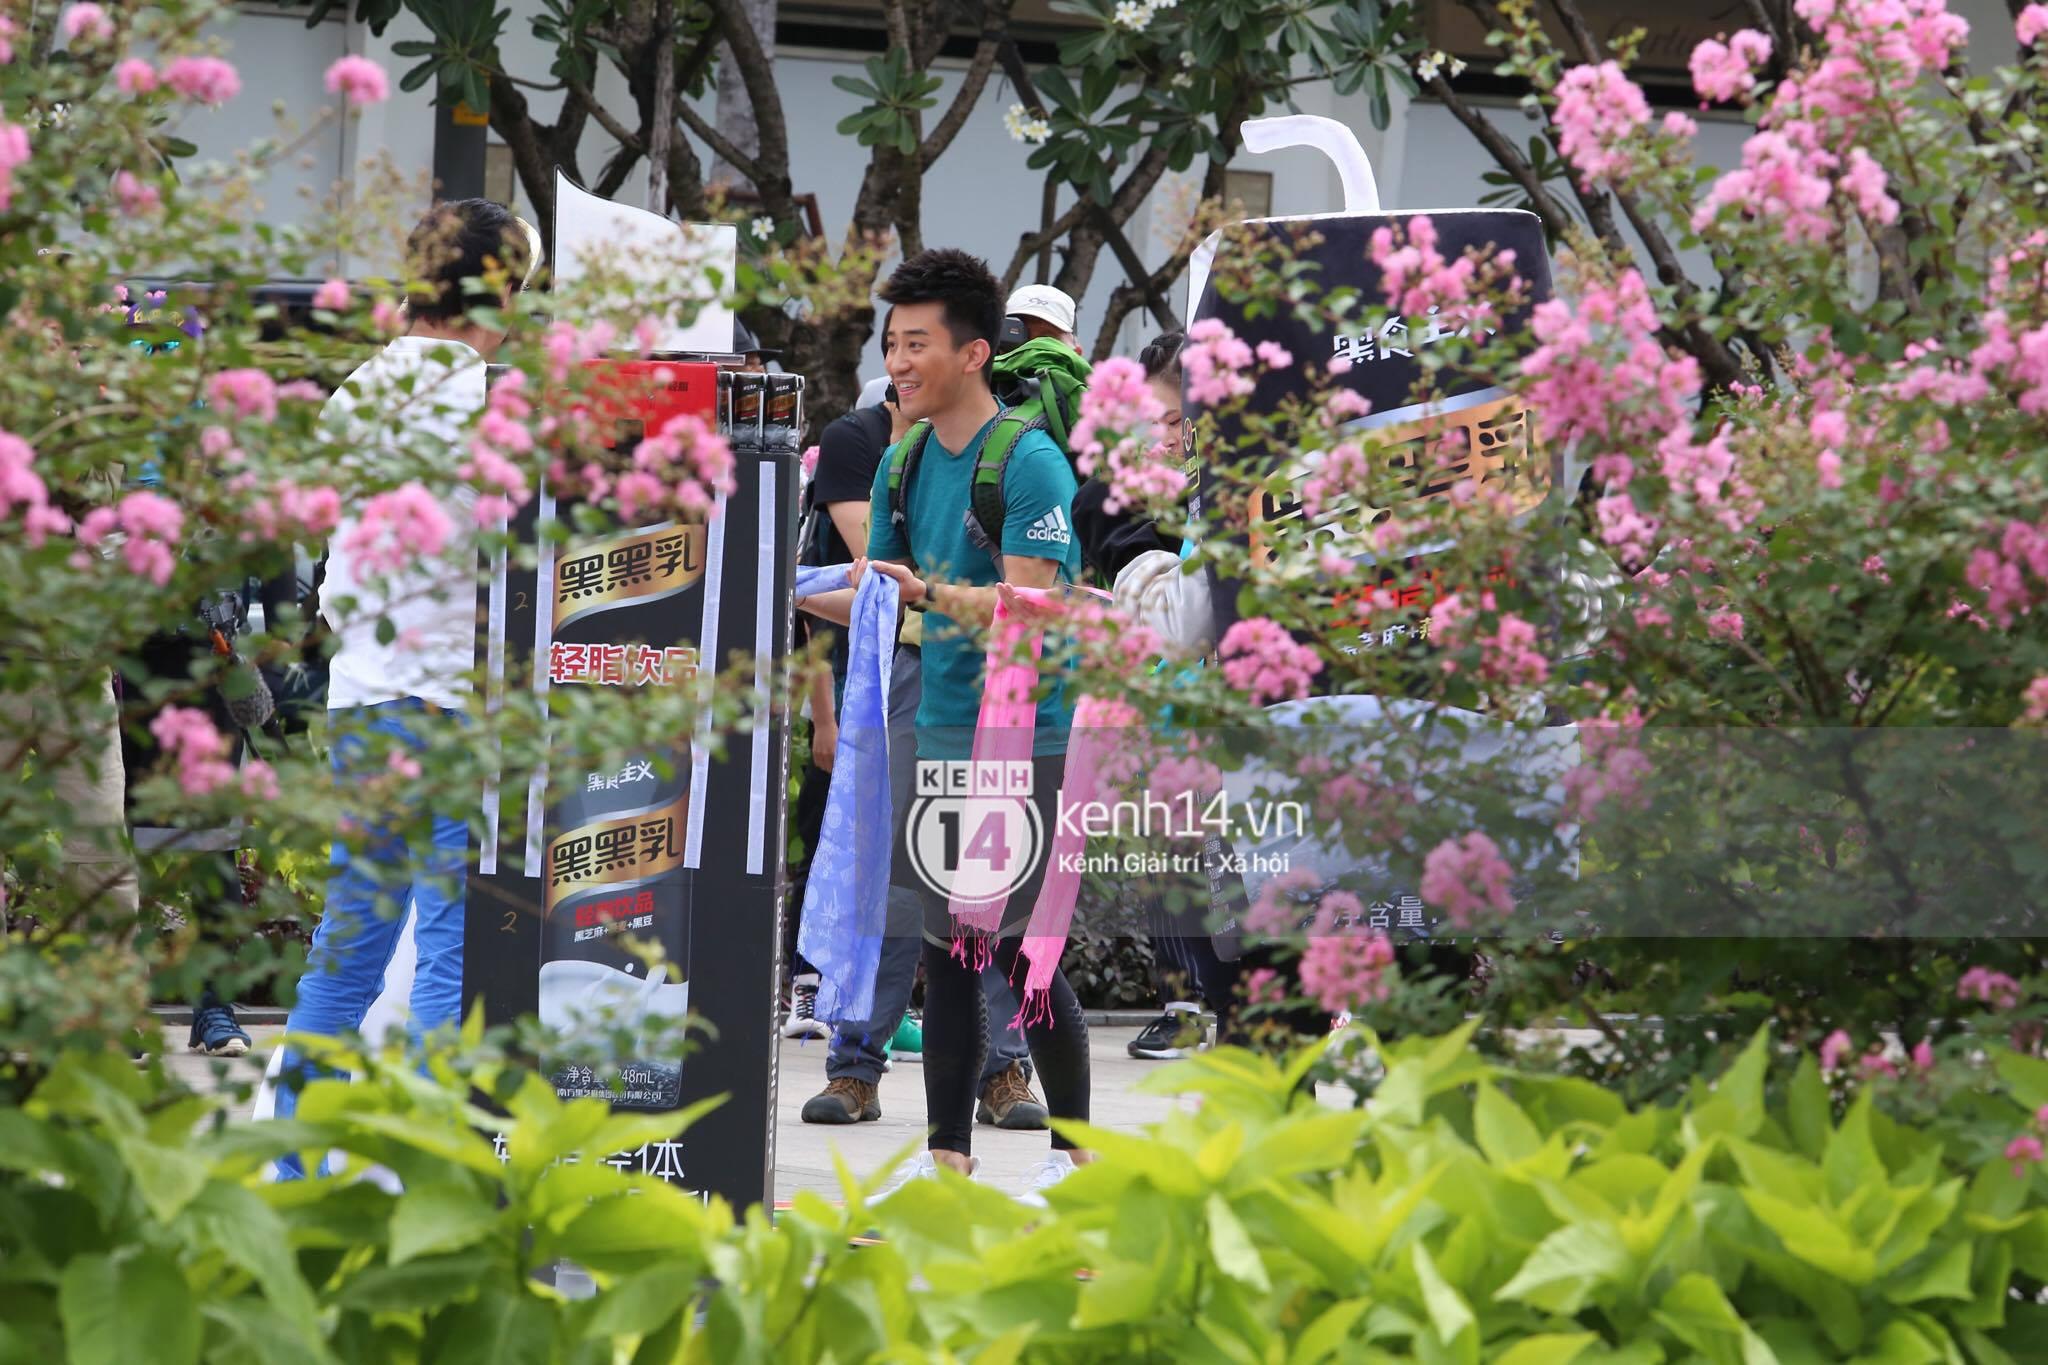 Amazing Race Trung Quốc tại Việt Nam: Vương Lệ Khôn - Trịnh Nguyên Sướng mặc áo dài, kiệt sức dưới trời nắng - Ảnh 29.